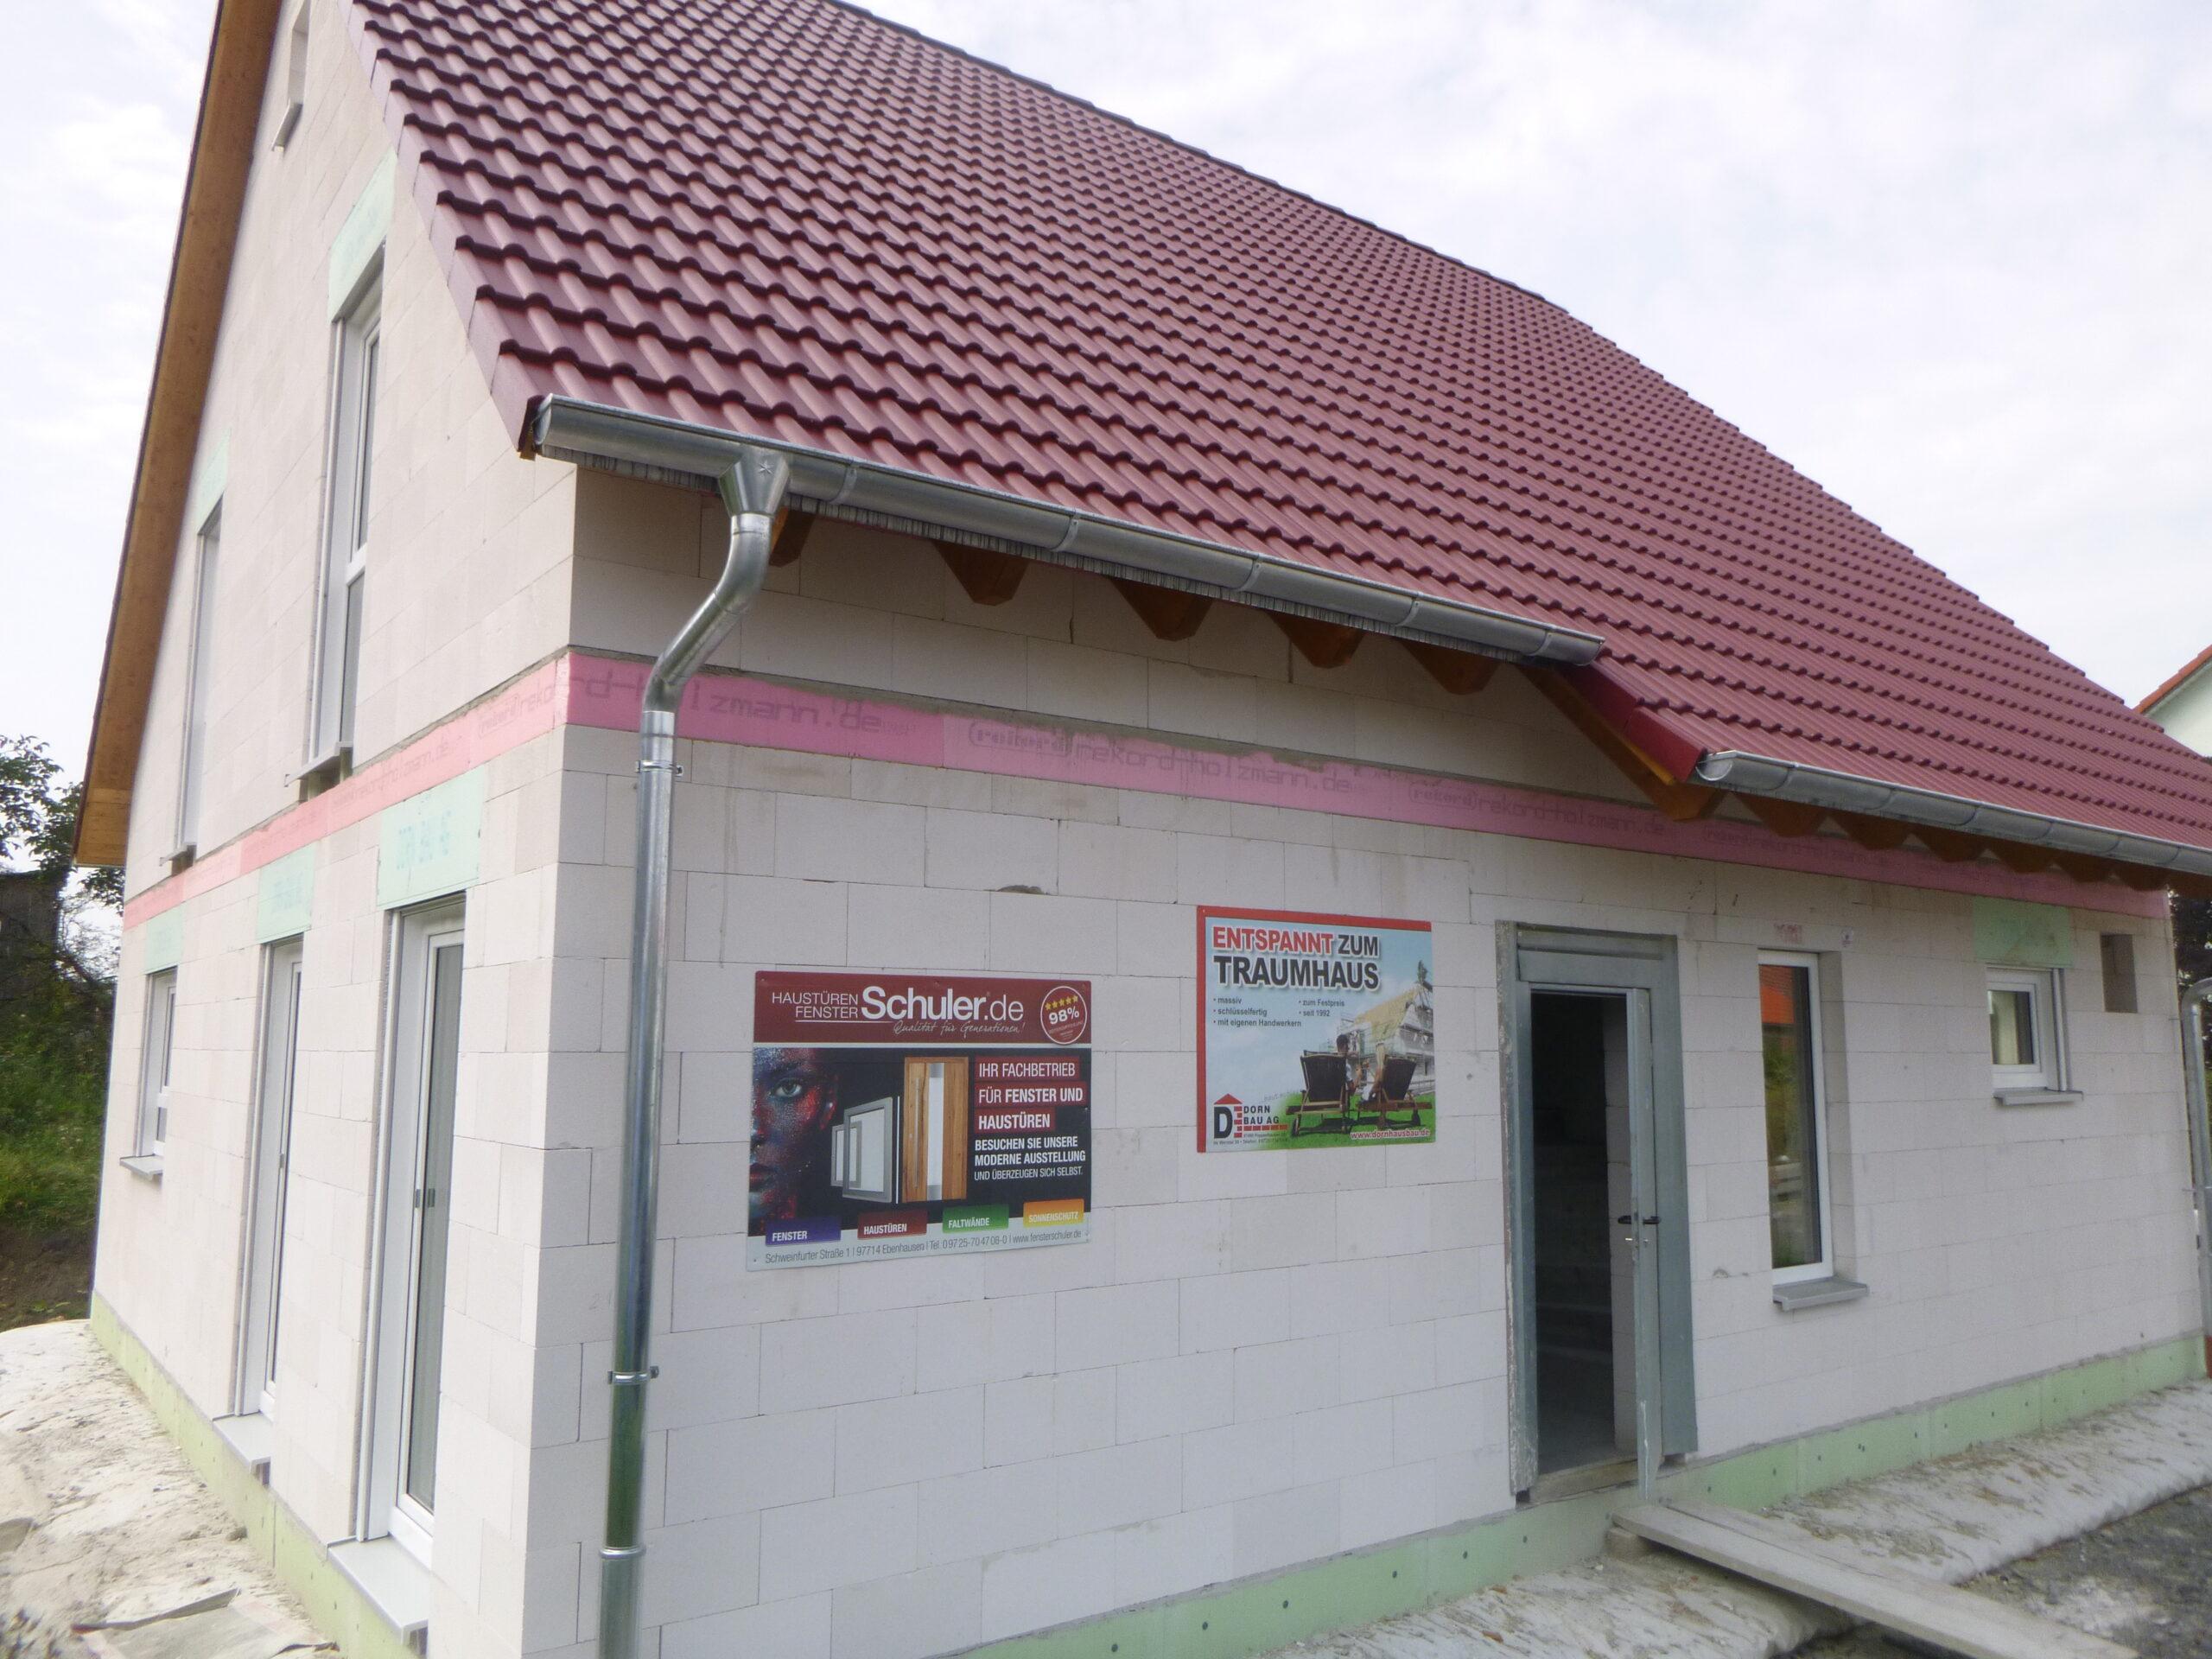 Rohbau - Hofaecker 10 - Oberschwarzach (1)